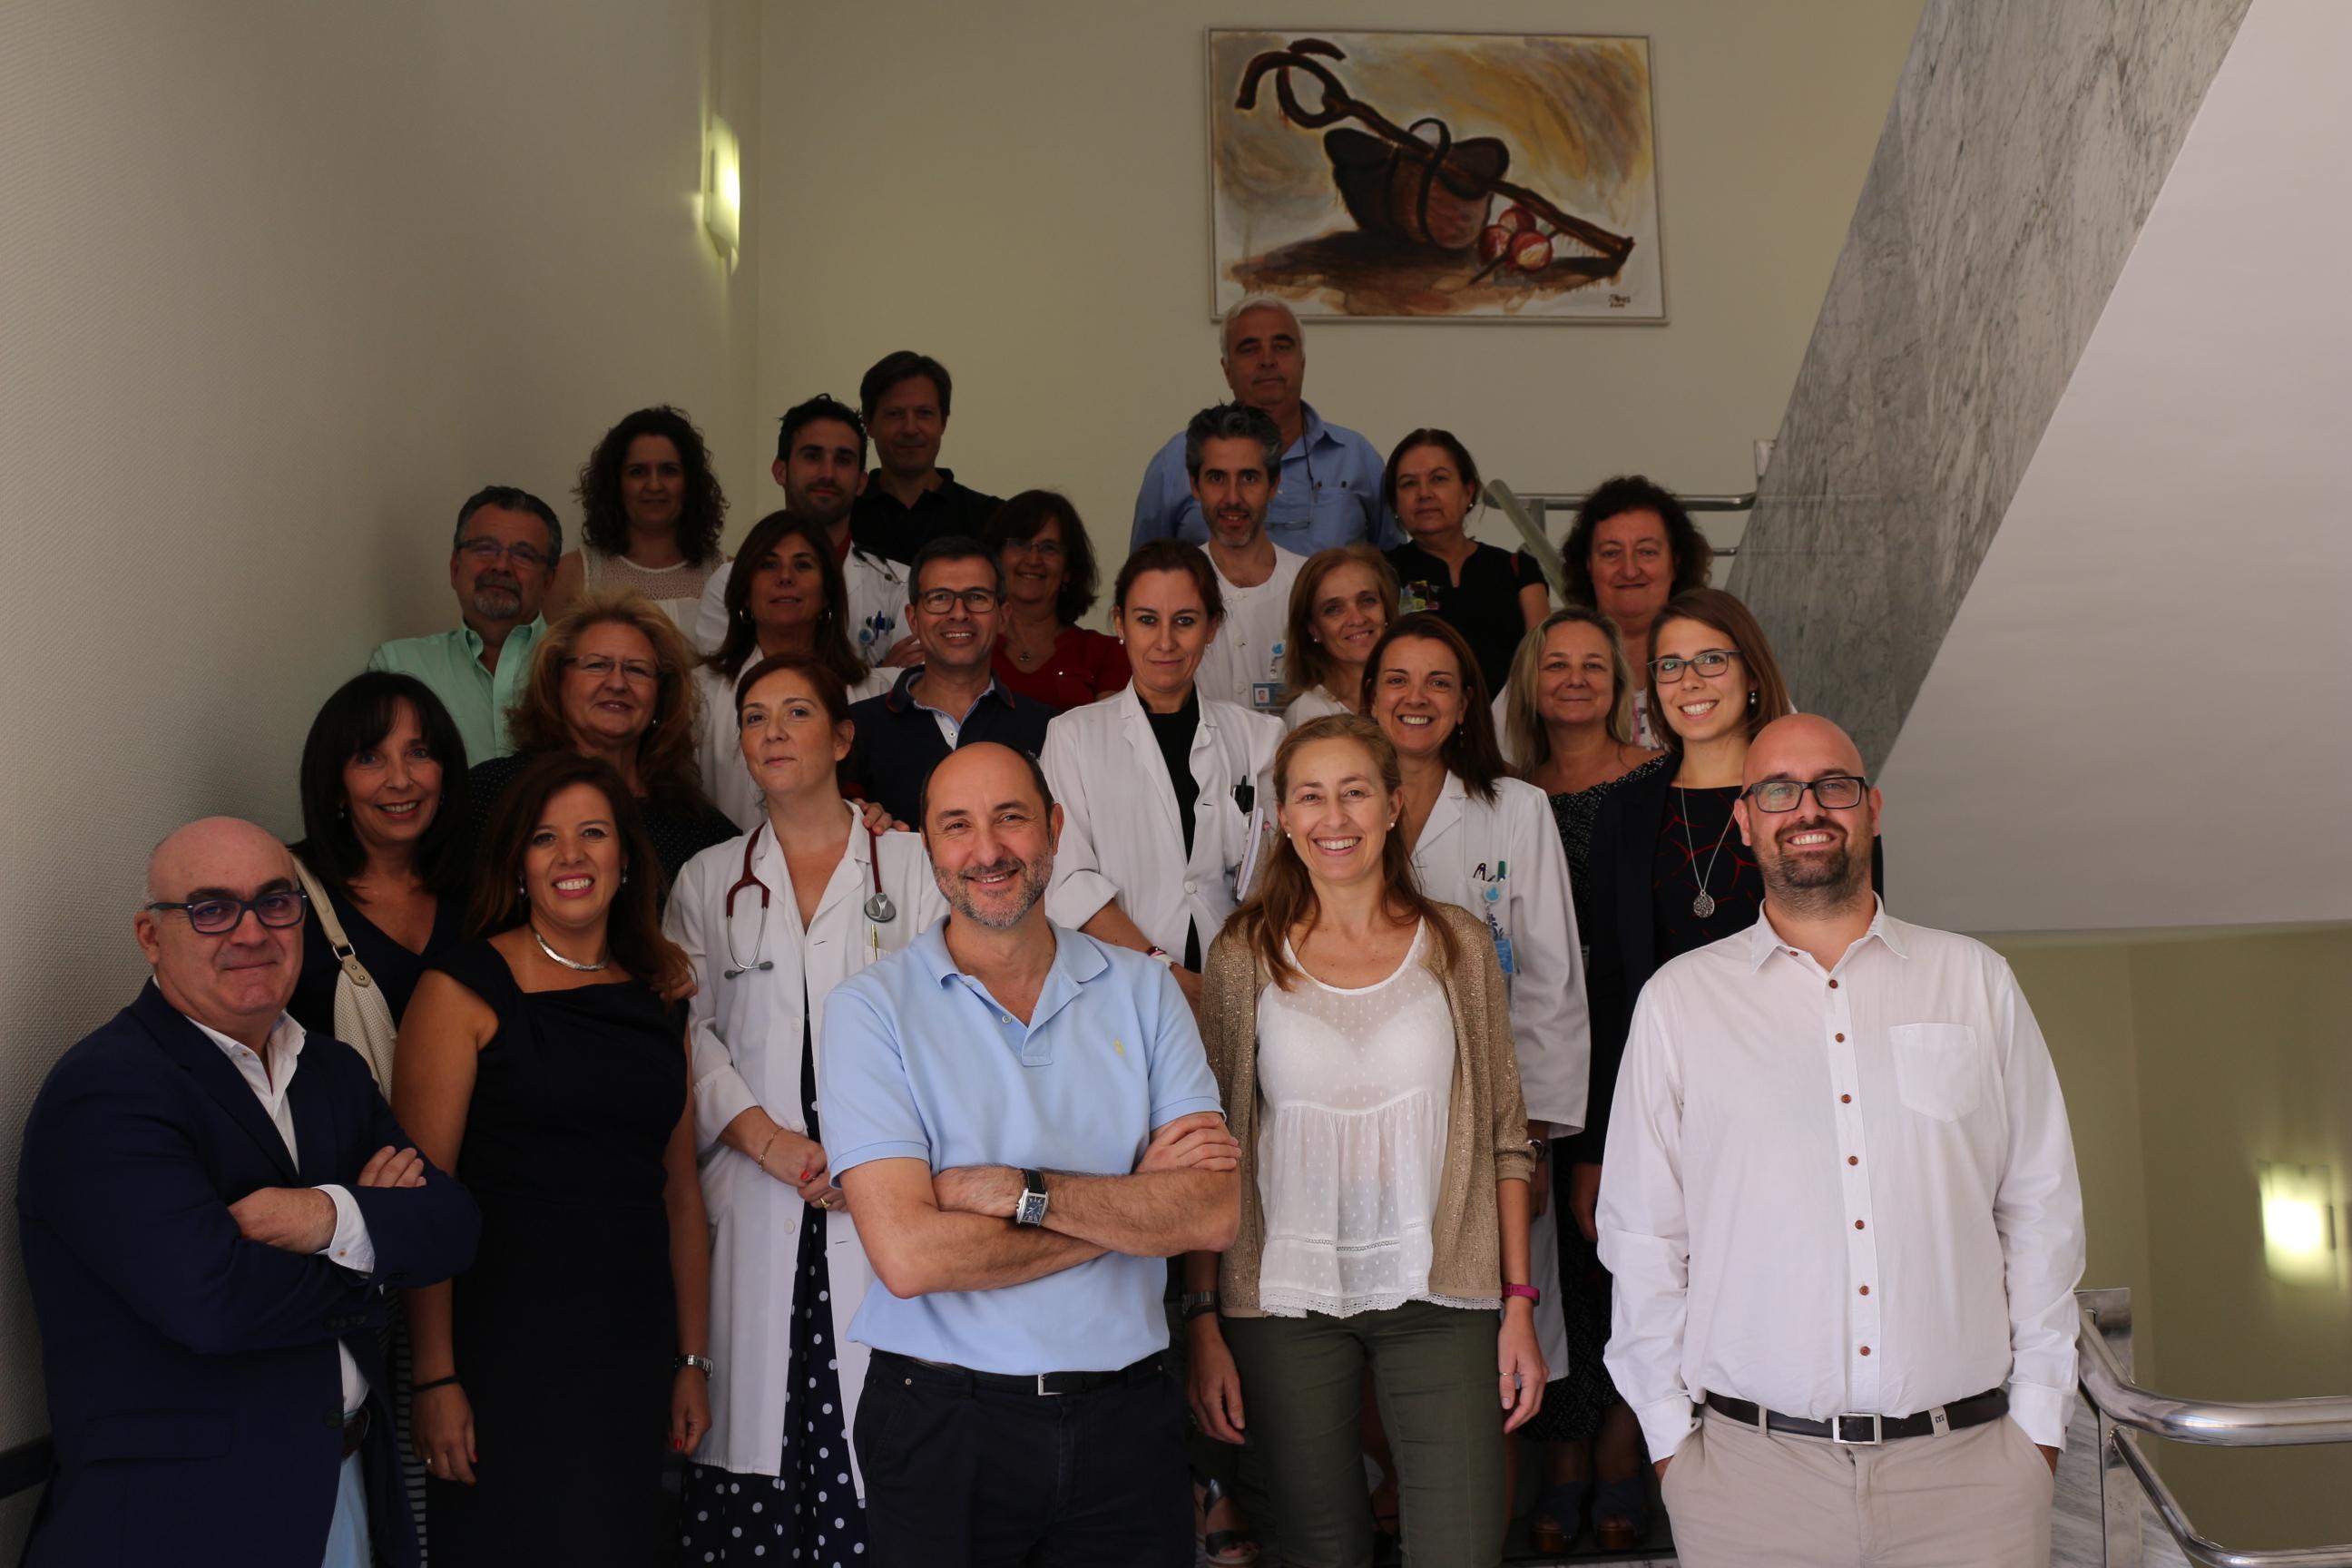 Nuestro Programa Tele-Comparte recibe por parte de la Sociedad Española de Directivos en Salud (SEDISA) un nuevo reconocimiento: